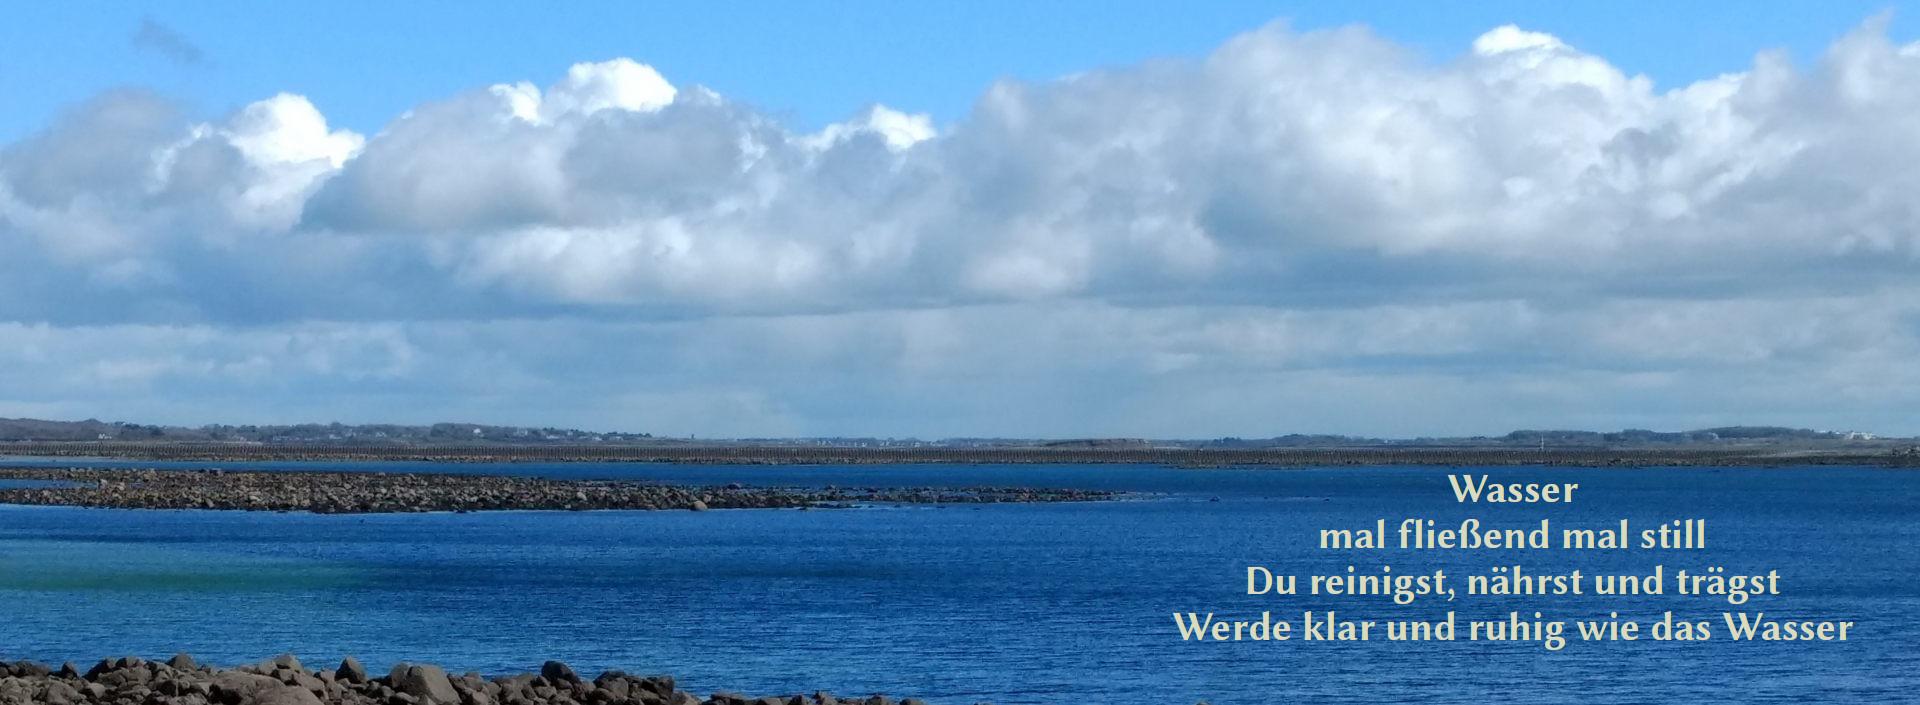 Foto der irischen See mit folgendem Text: Wasser mal fließend mal still Du reinigst, nährst und trägst Werde klar und ruhig wie das Wasser